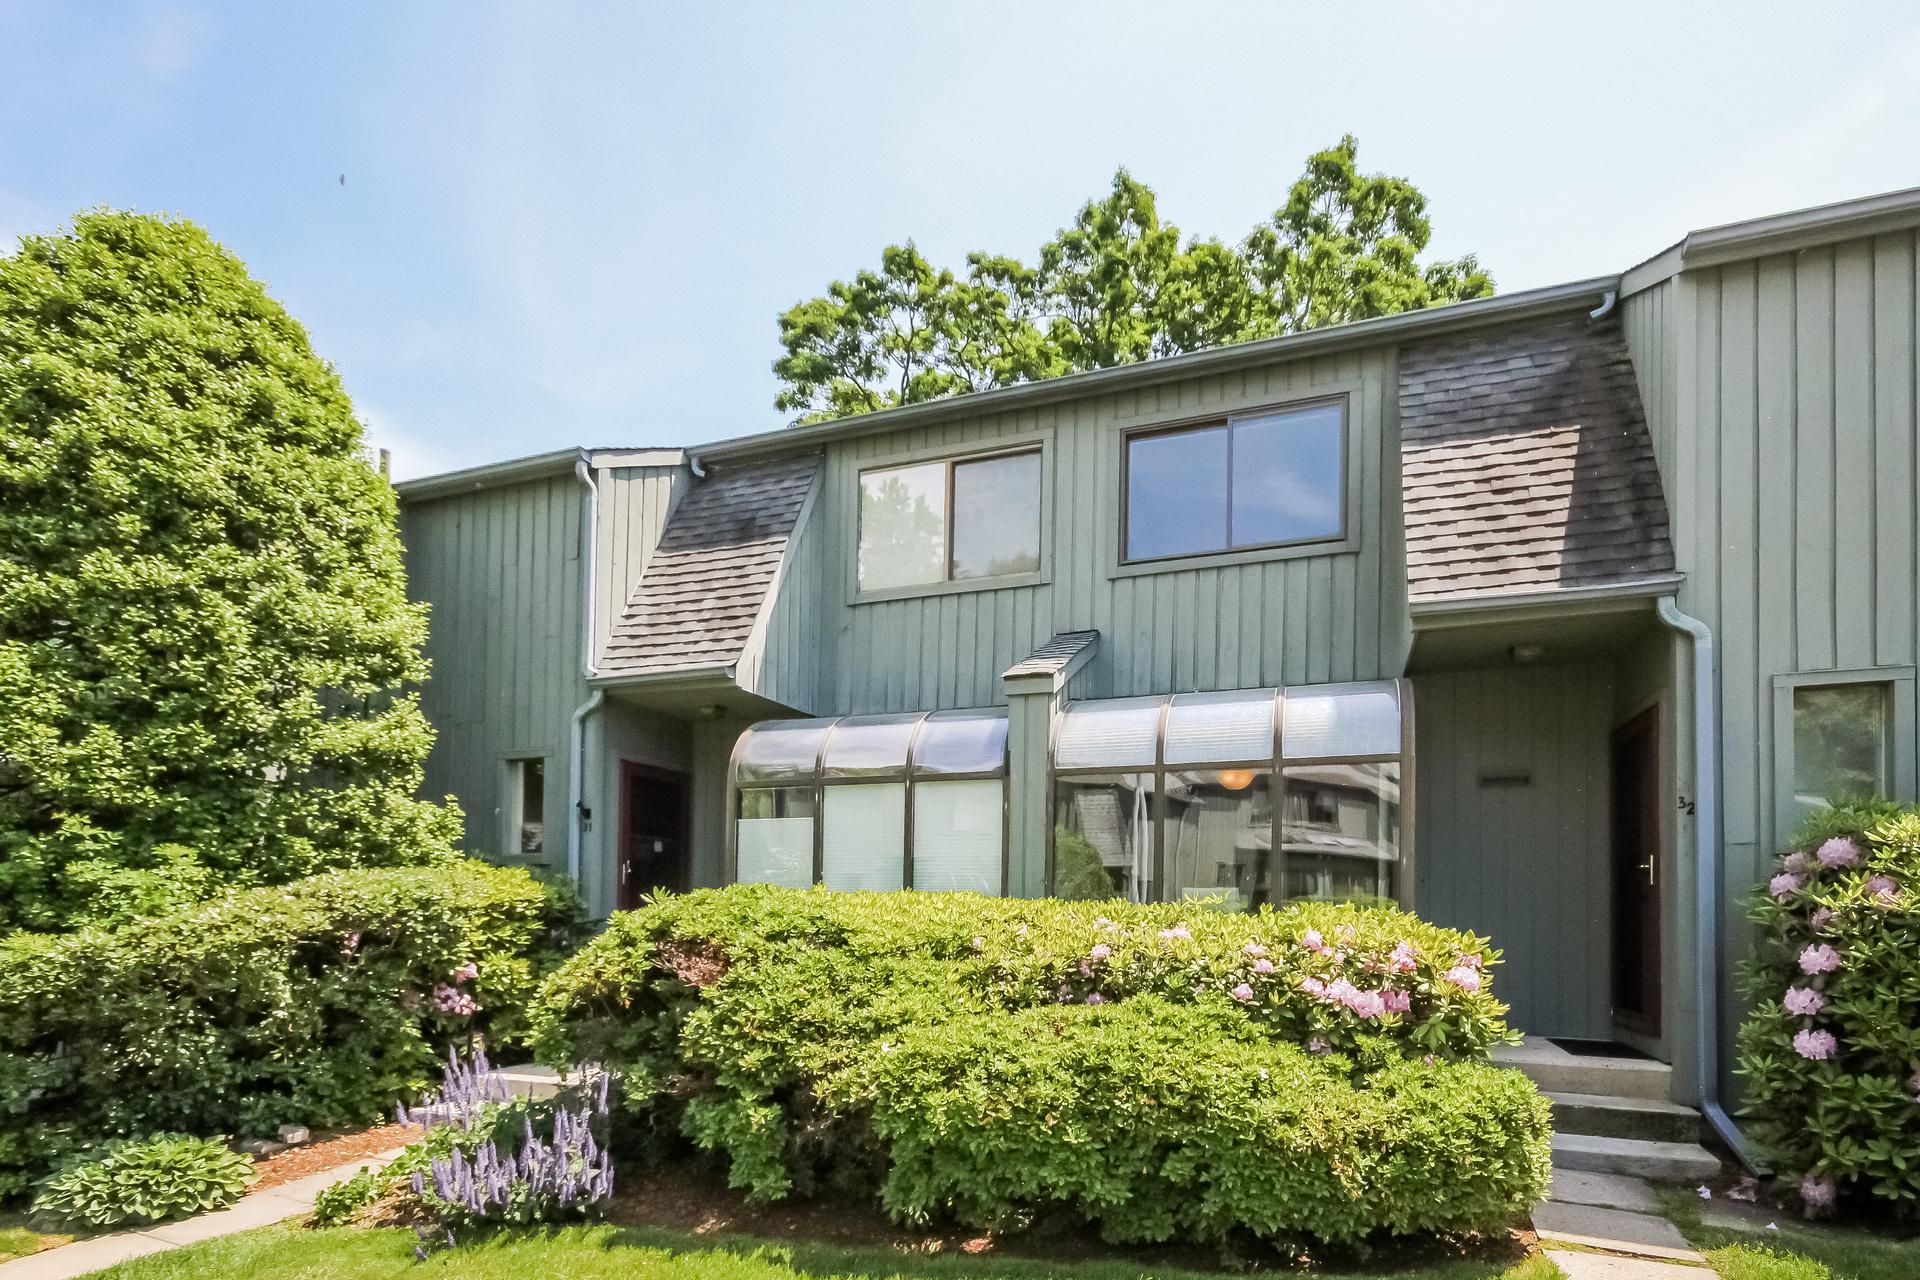 Appartement en copropriété pour l Vente à Silvermine Crossing 123 Old Belden Hill Road 32 Silvermine, Norwalk, Connecticut, 06850 États-Unis